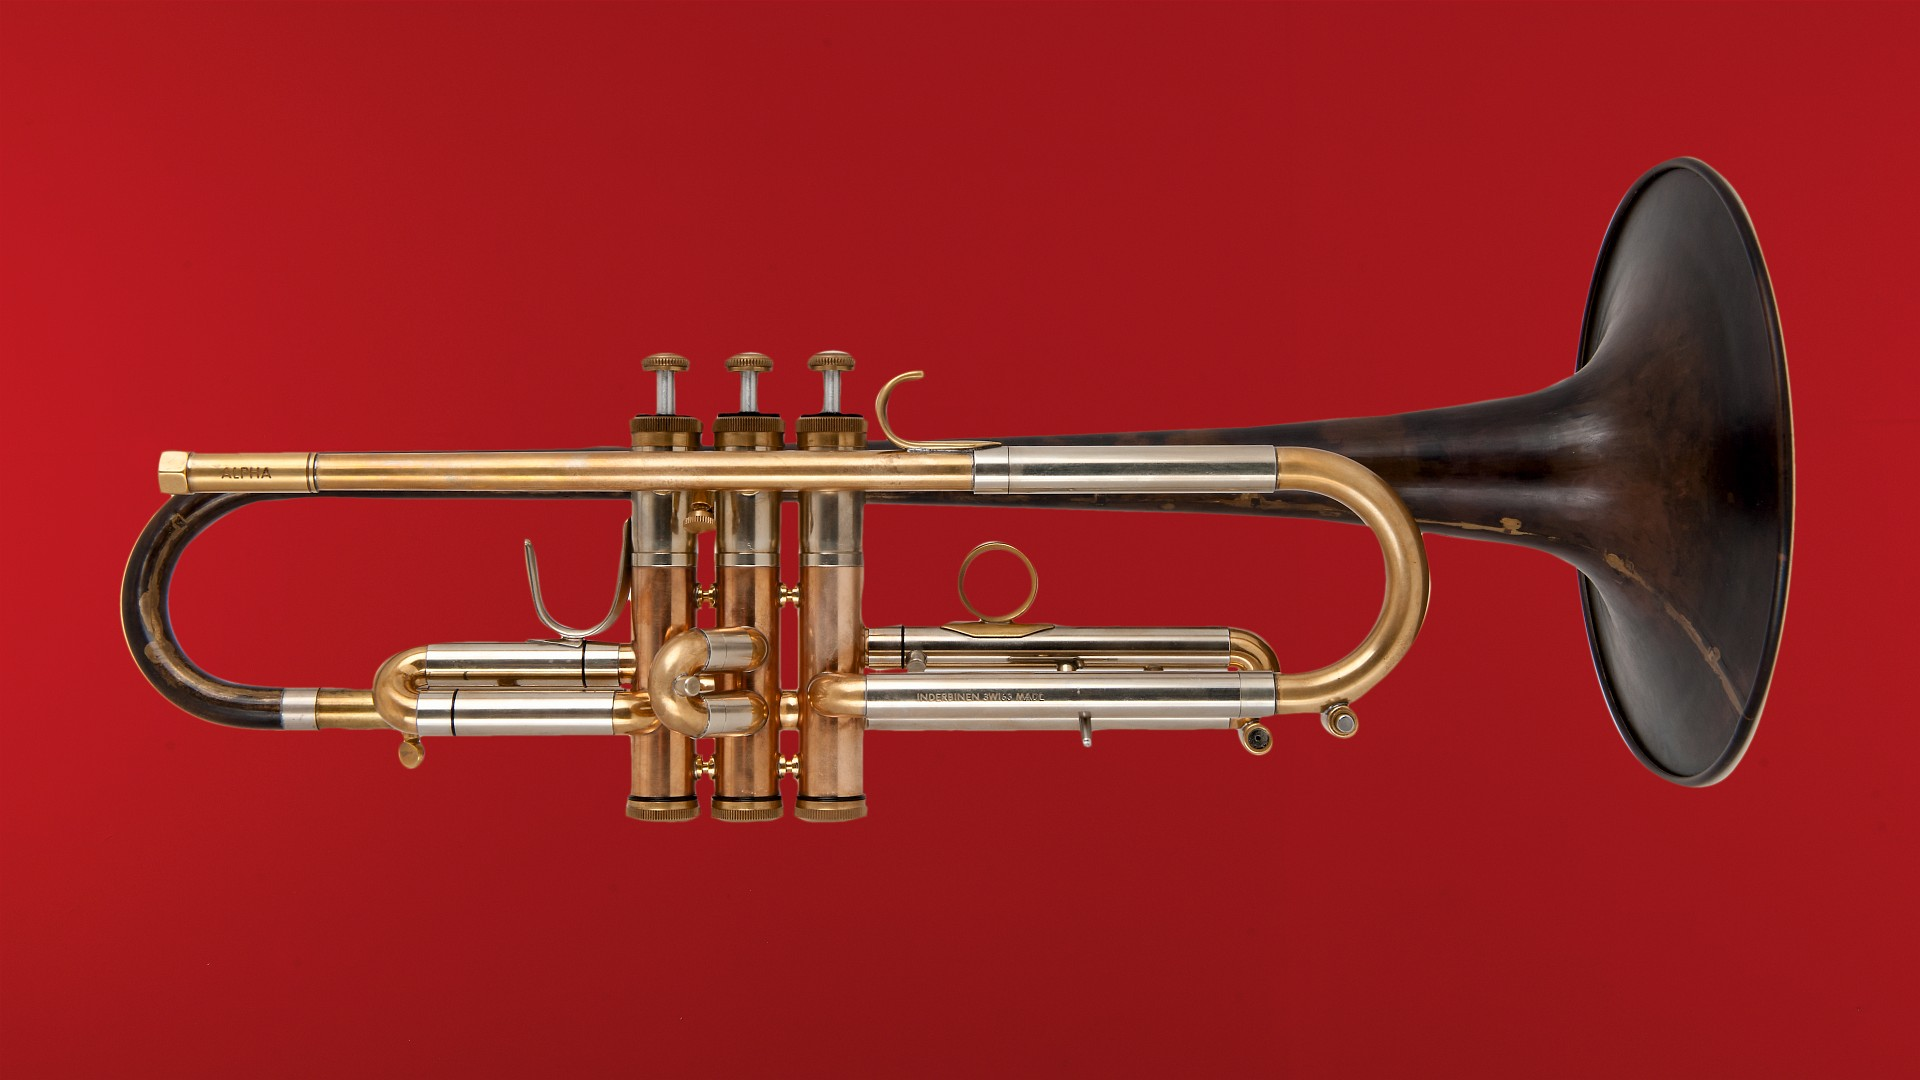 trompete_bigbell_r_1920x1080px